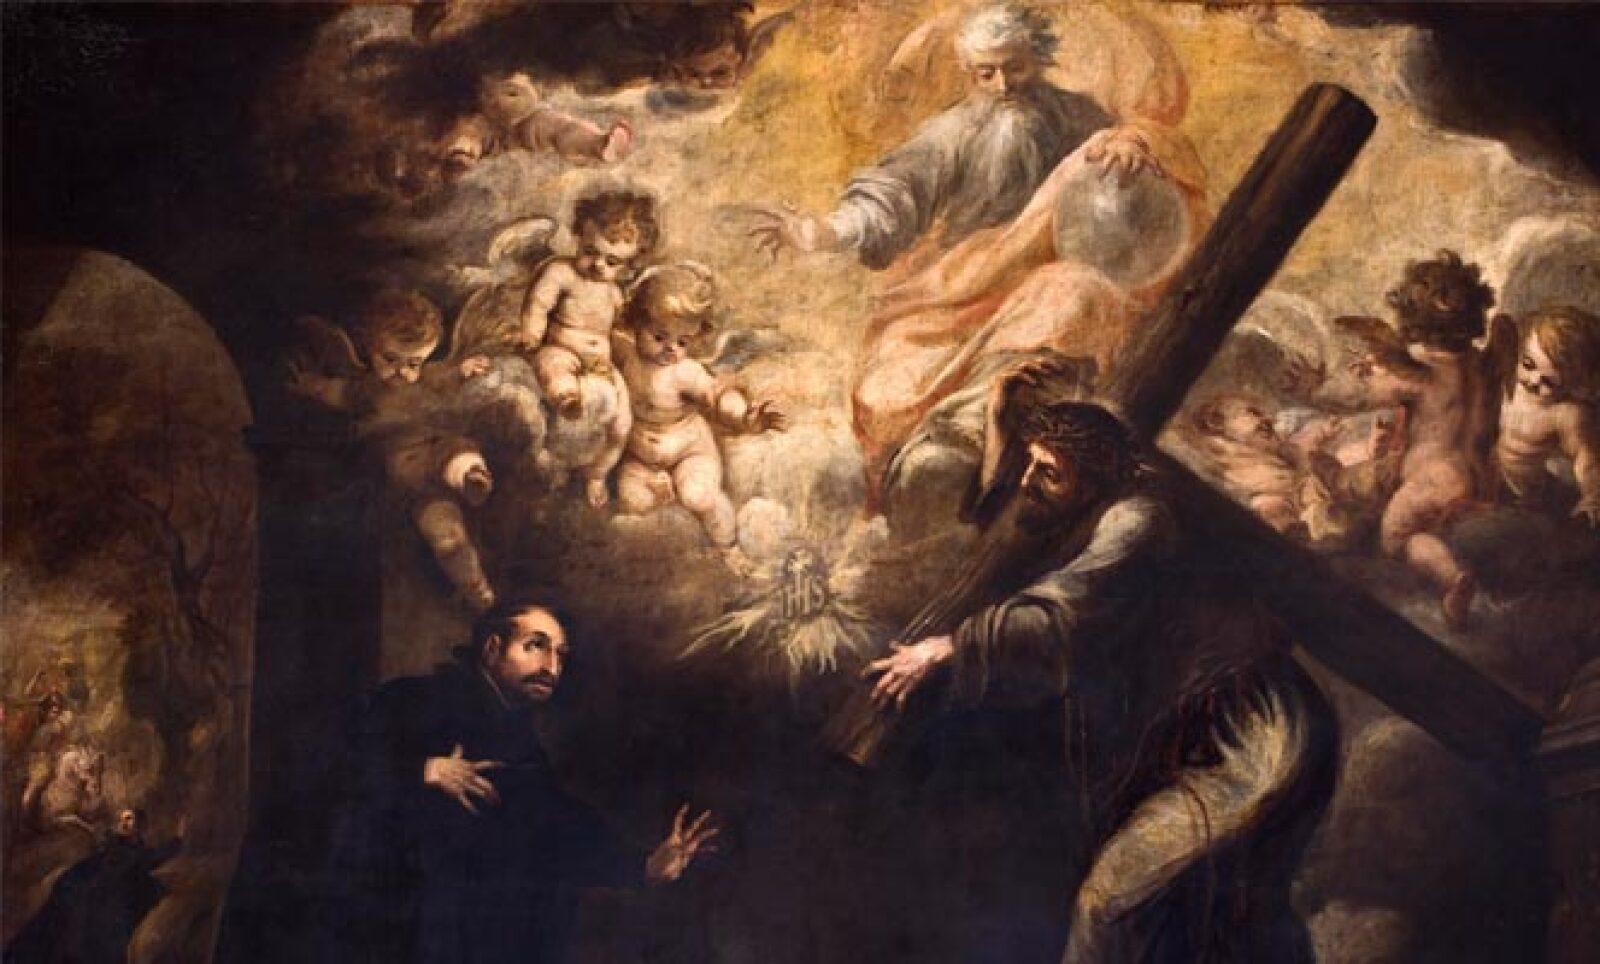 Autor: Juan Valdés de Leal (1622-1690). Material: Óleo sobre tela. Tamaño: 268 x 369 cm. Origen: Parroquia de San Pedro, Lima Perú. Obra restaurada por Fomento Cultural Banamex.